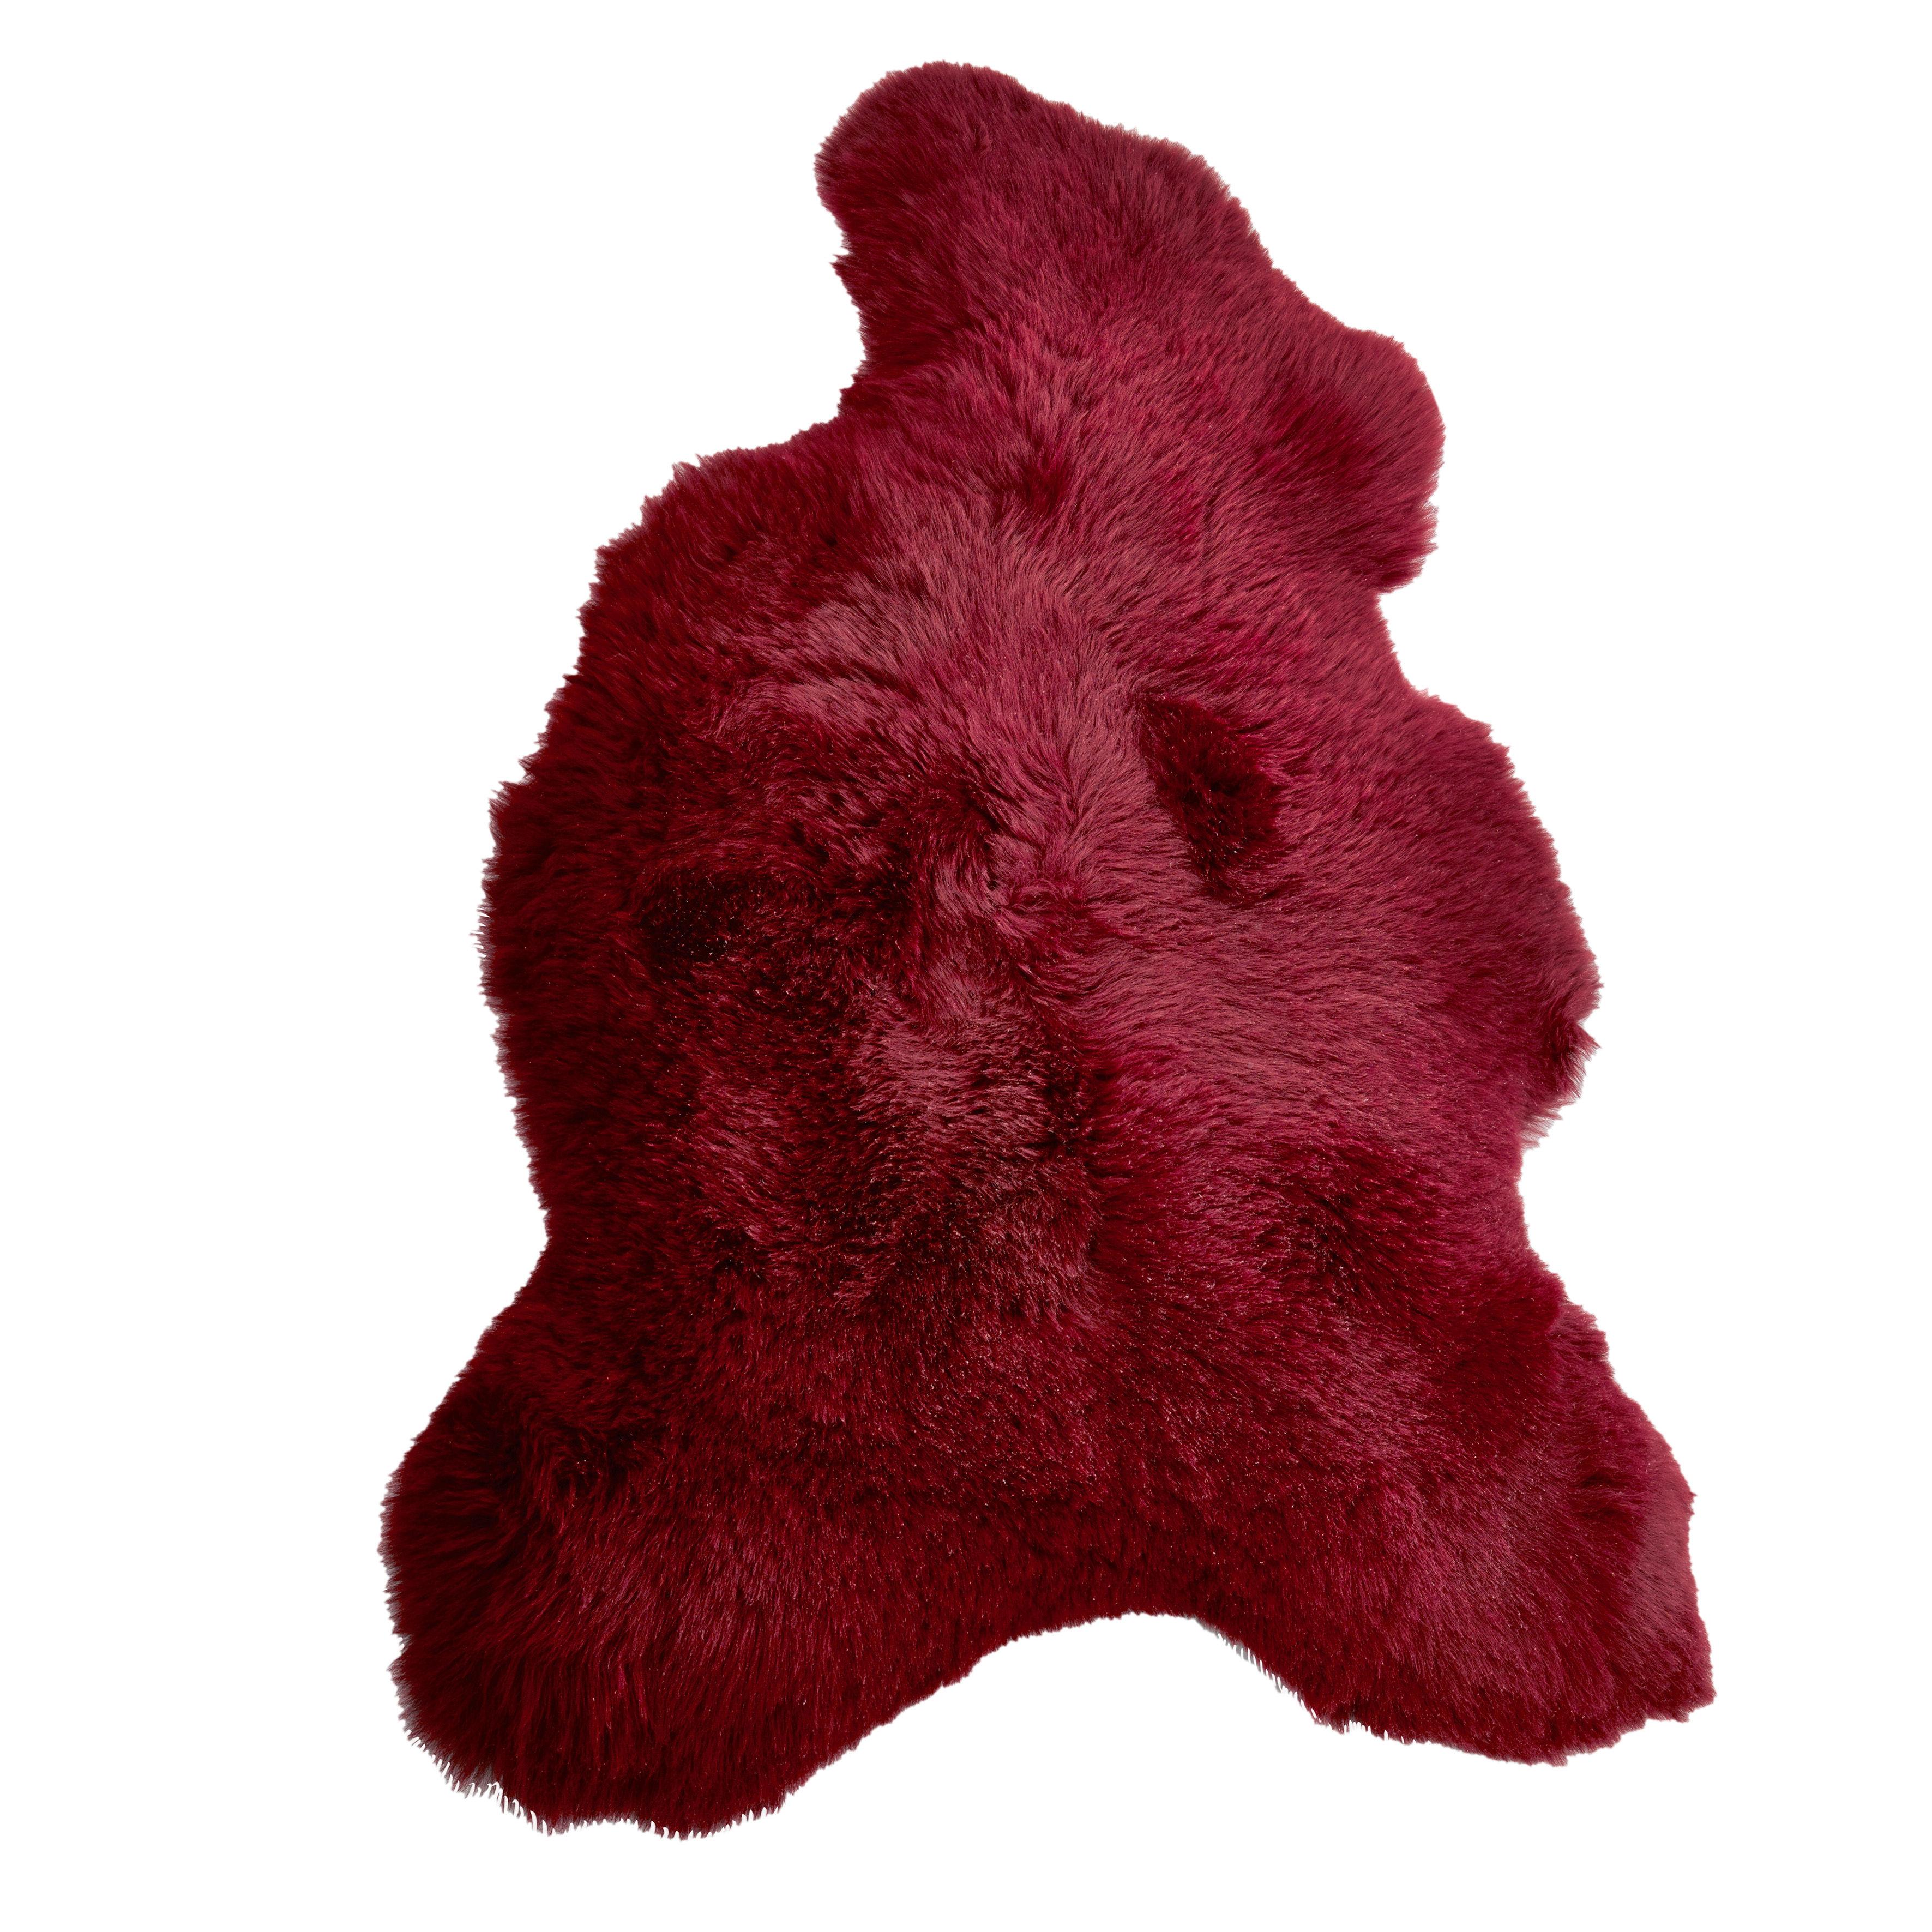 Déco - Tapis - Peau de mouton véritable / 100 x 70 cm - Pols Potten - Bordeaux - Peau de mouton teintée